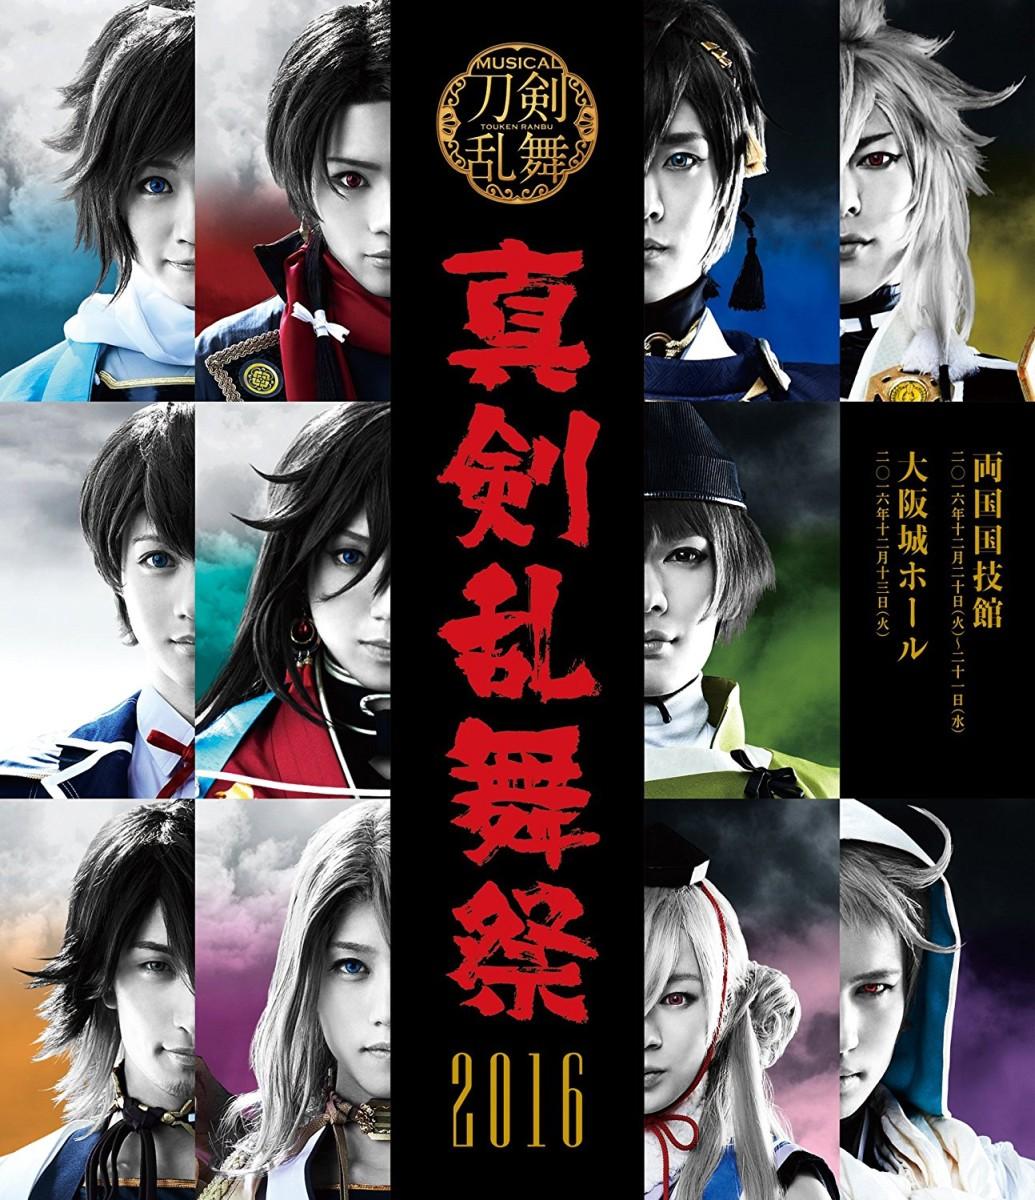 ミュージカル『刀剣乱舞』 〜真剣乱舞祭 2016〜[EMPB-0003][Blu-ray/ブルーレイ]